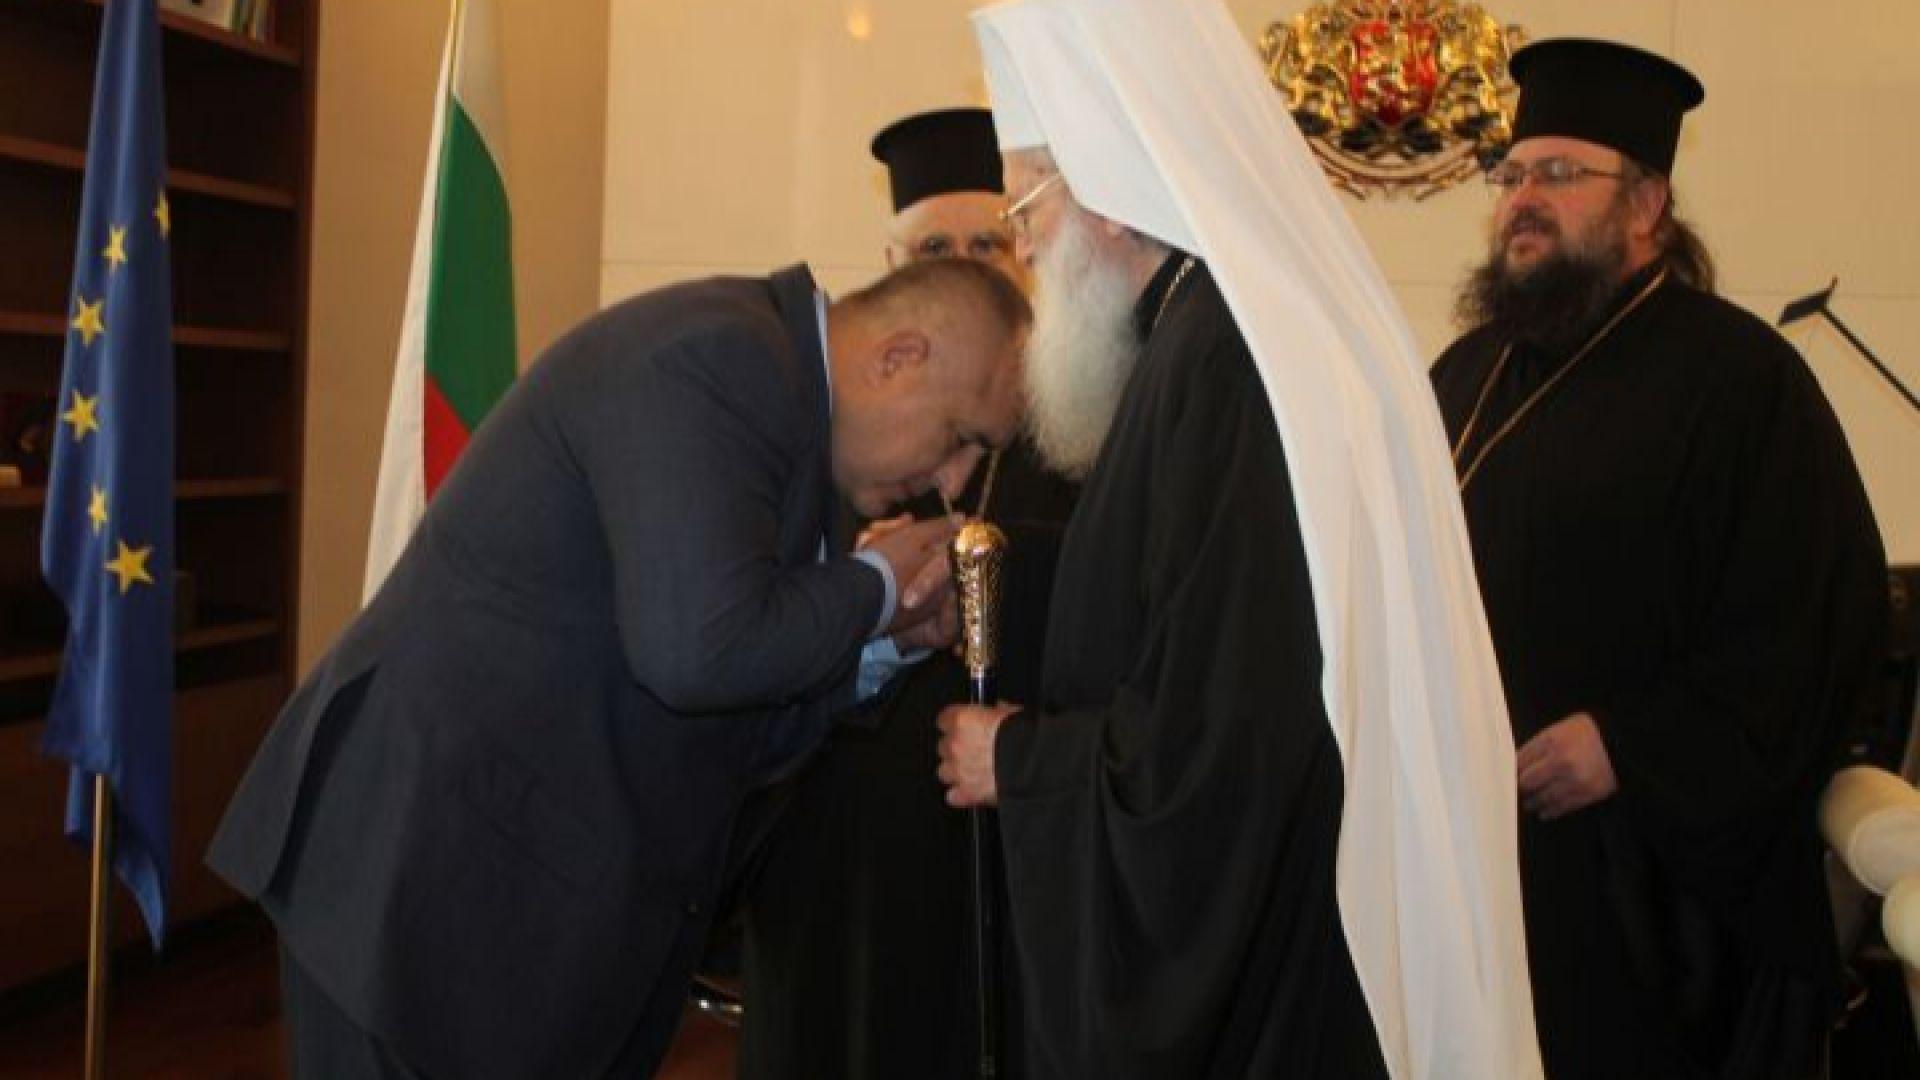 Кабинетът даде 5 млн. за заплати на свещеници. Премиерът: Патриархът лично ме помоли